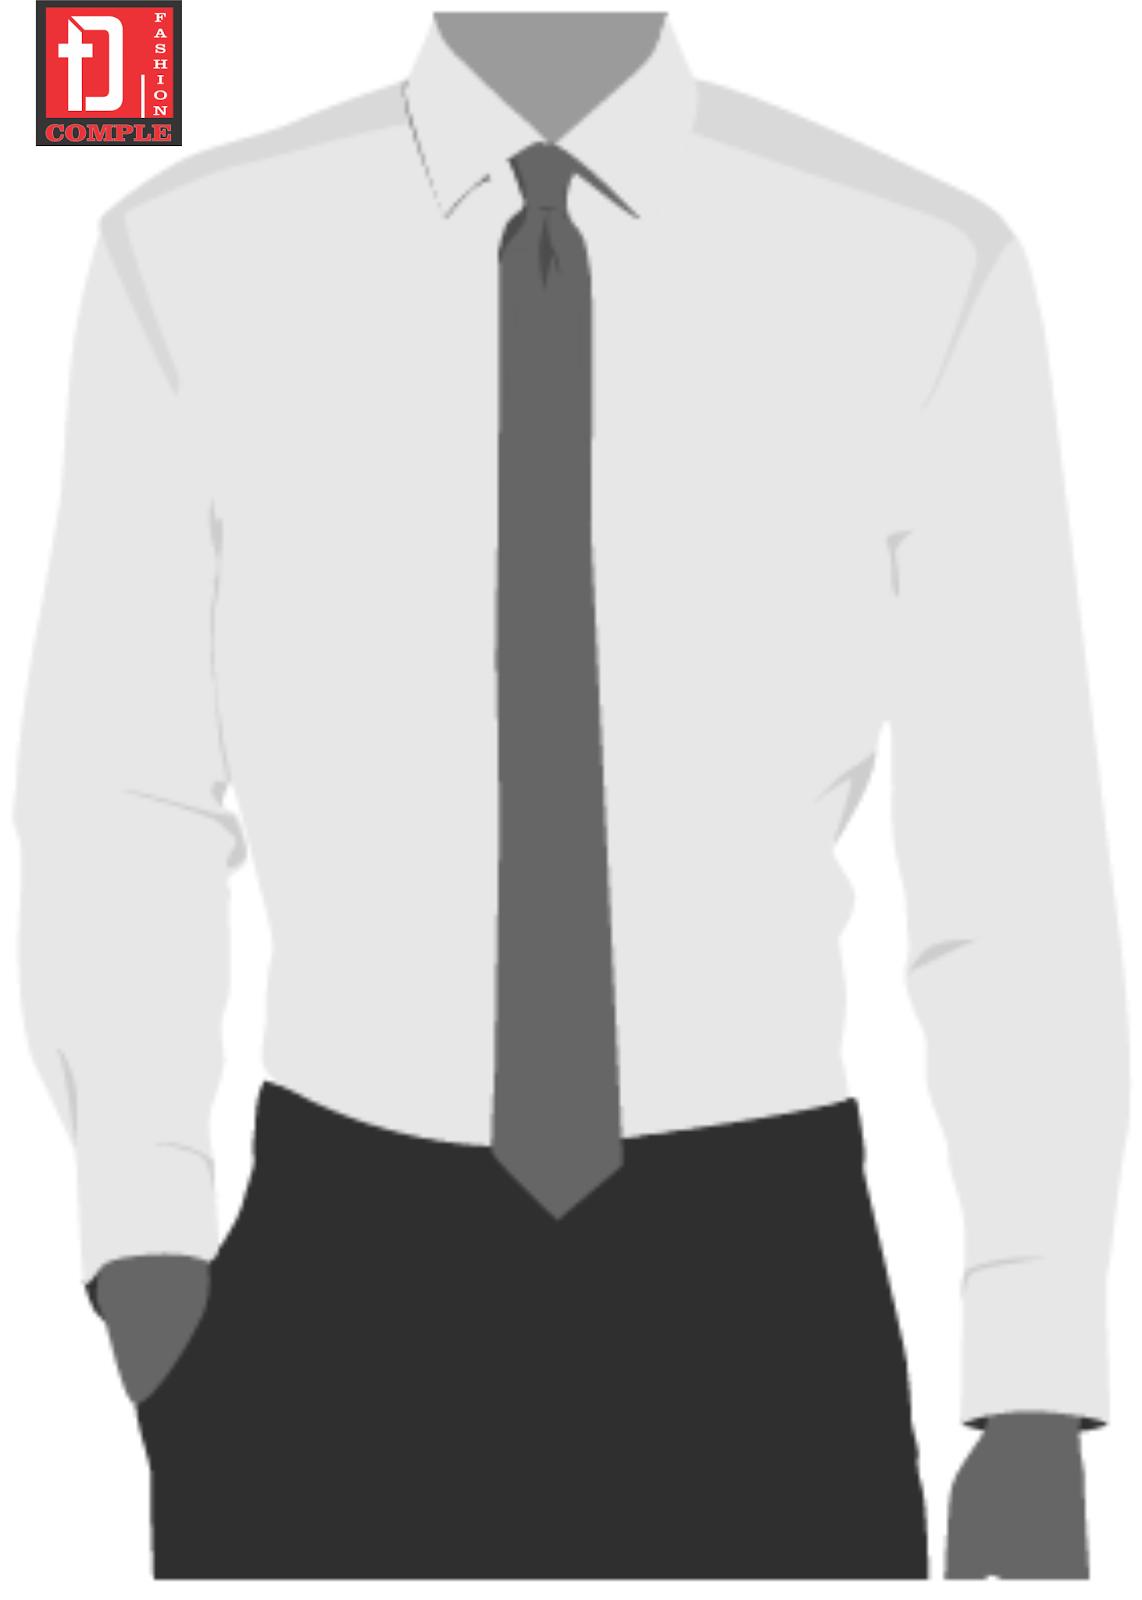 Nhà may Đức Tài - Thời trang doanh nhân 9